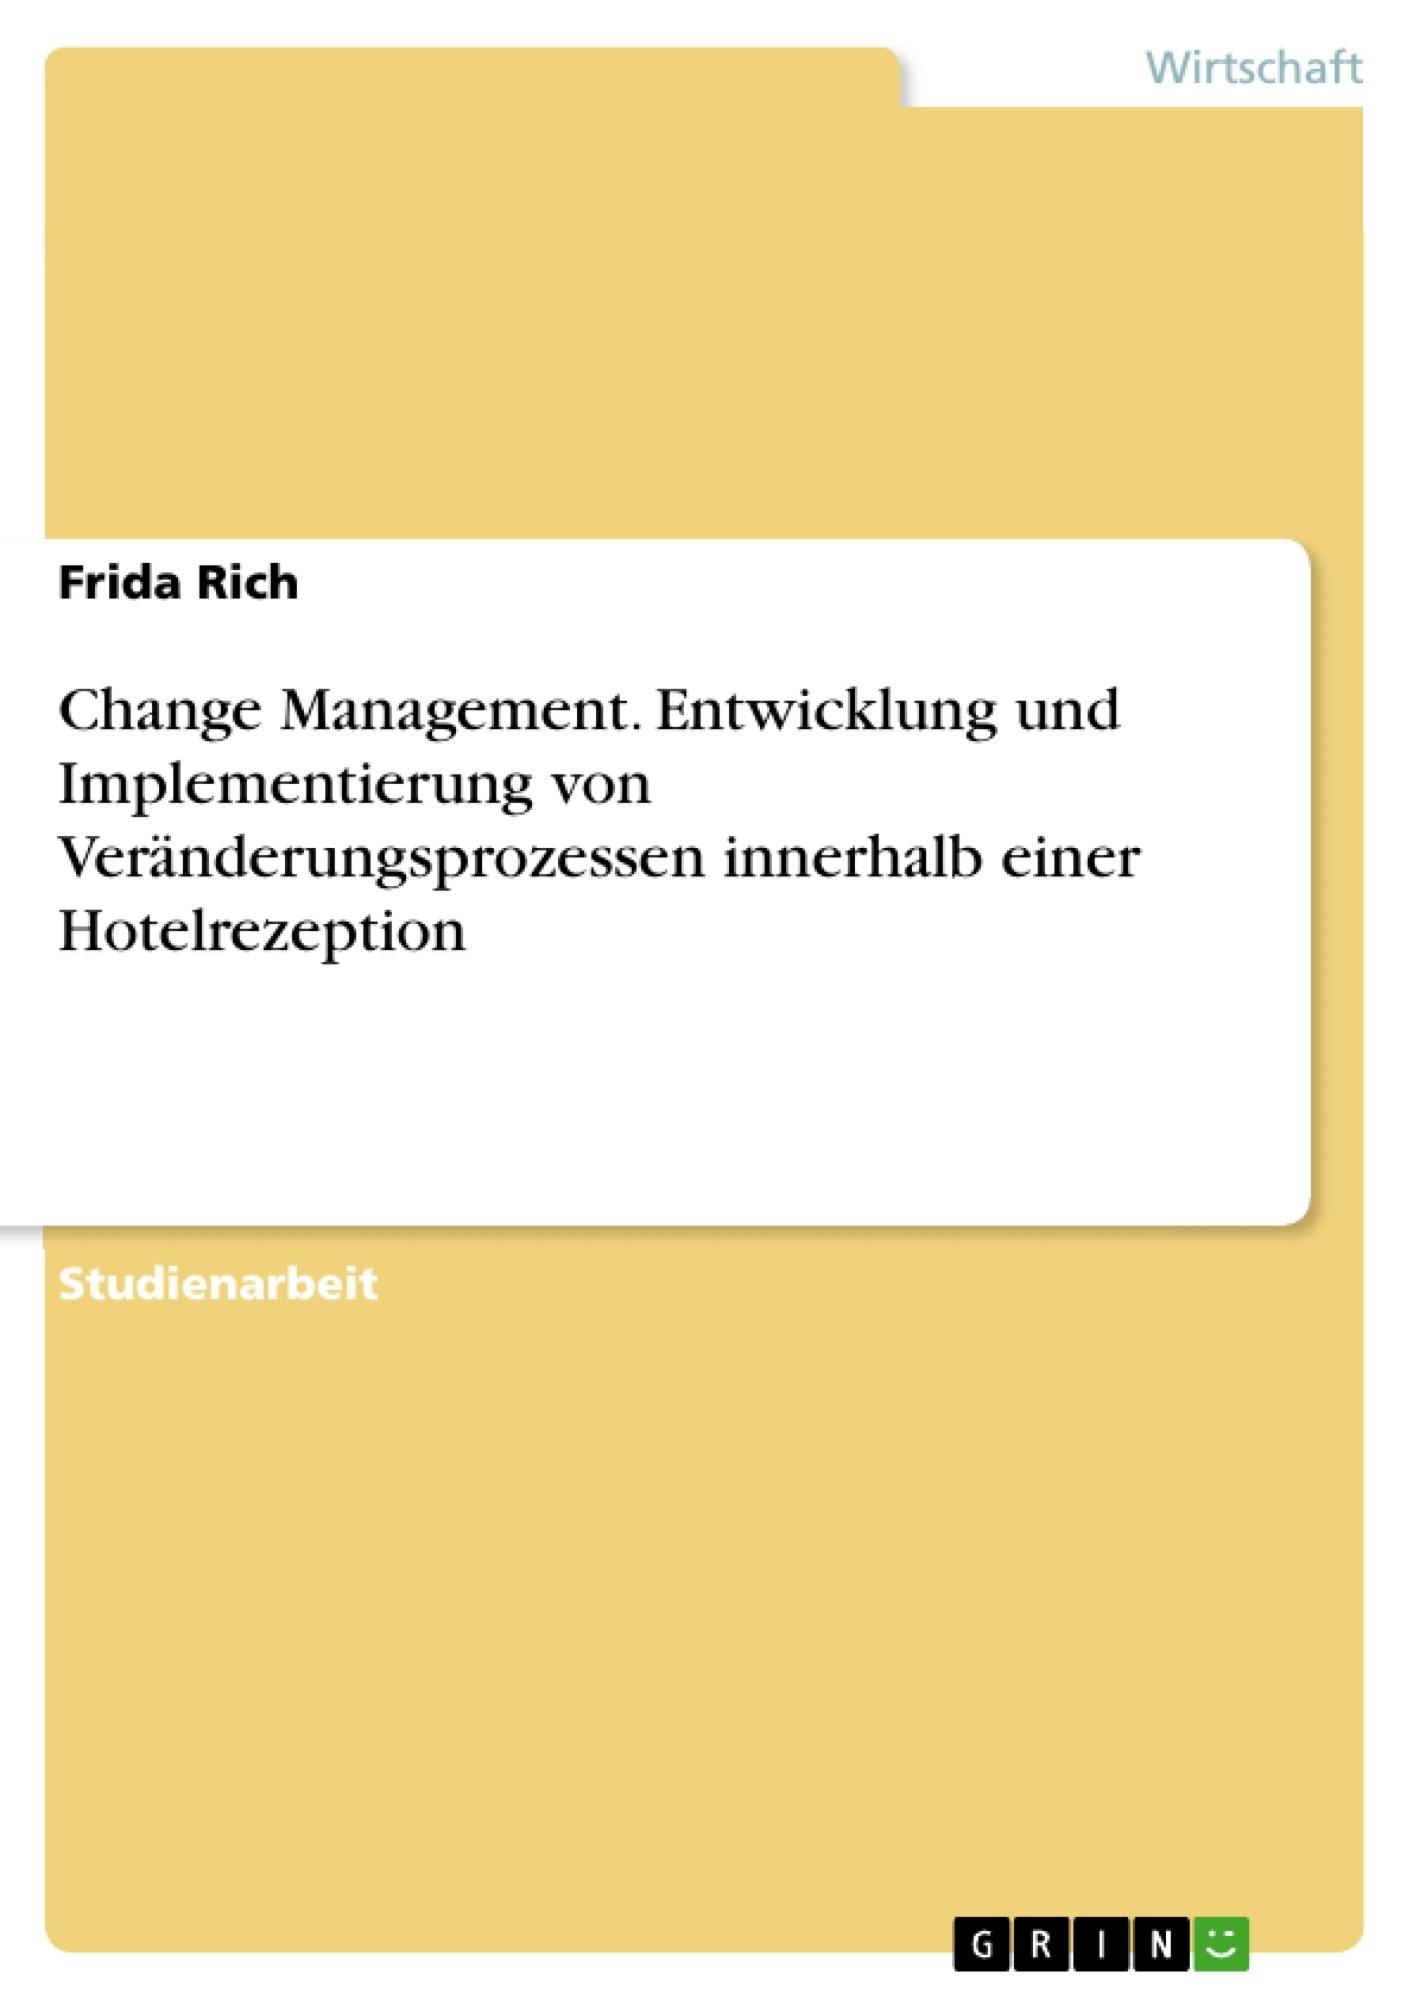 Titel: Change Management. Entwicklung und Implementierung von Veränderungsprozessen innerhalb einer Hotelrezeption